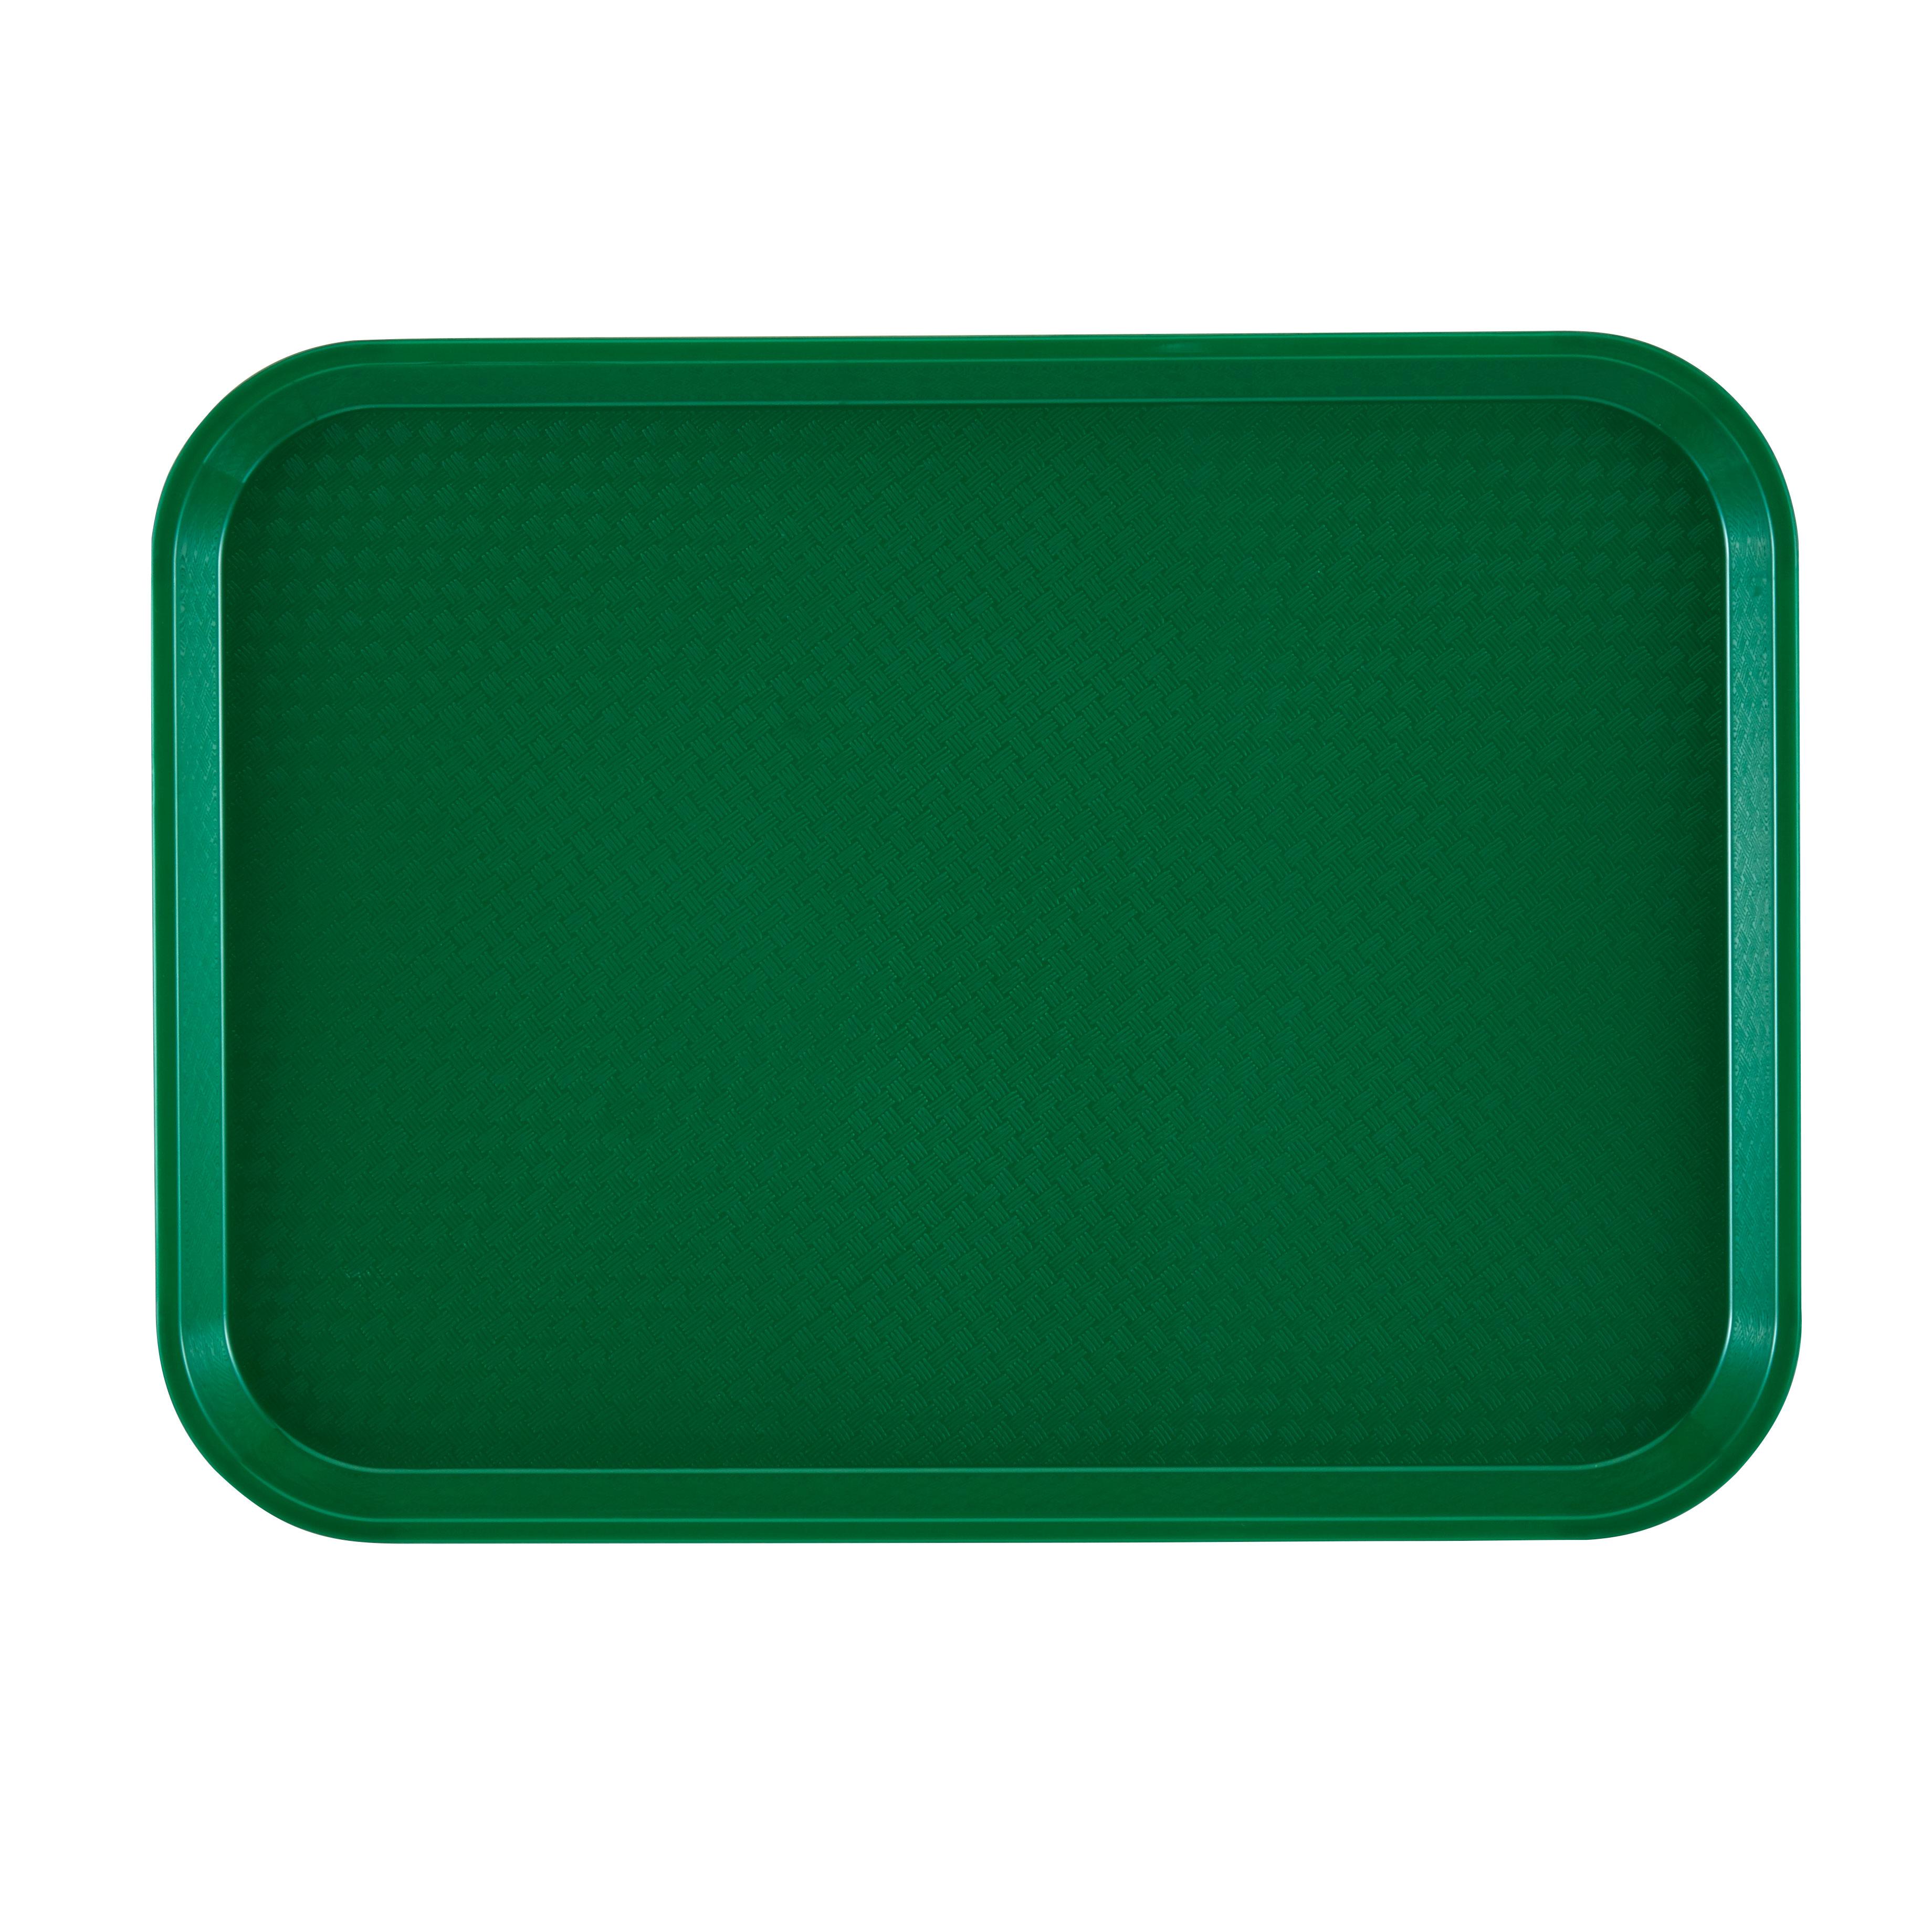 Cambro 16225119 cafeteria tray